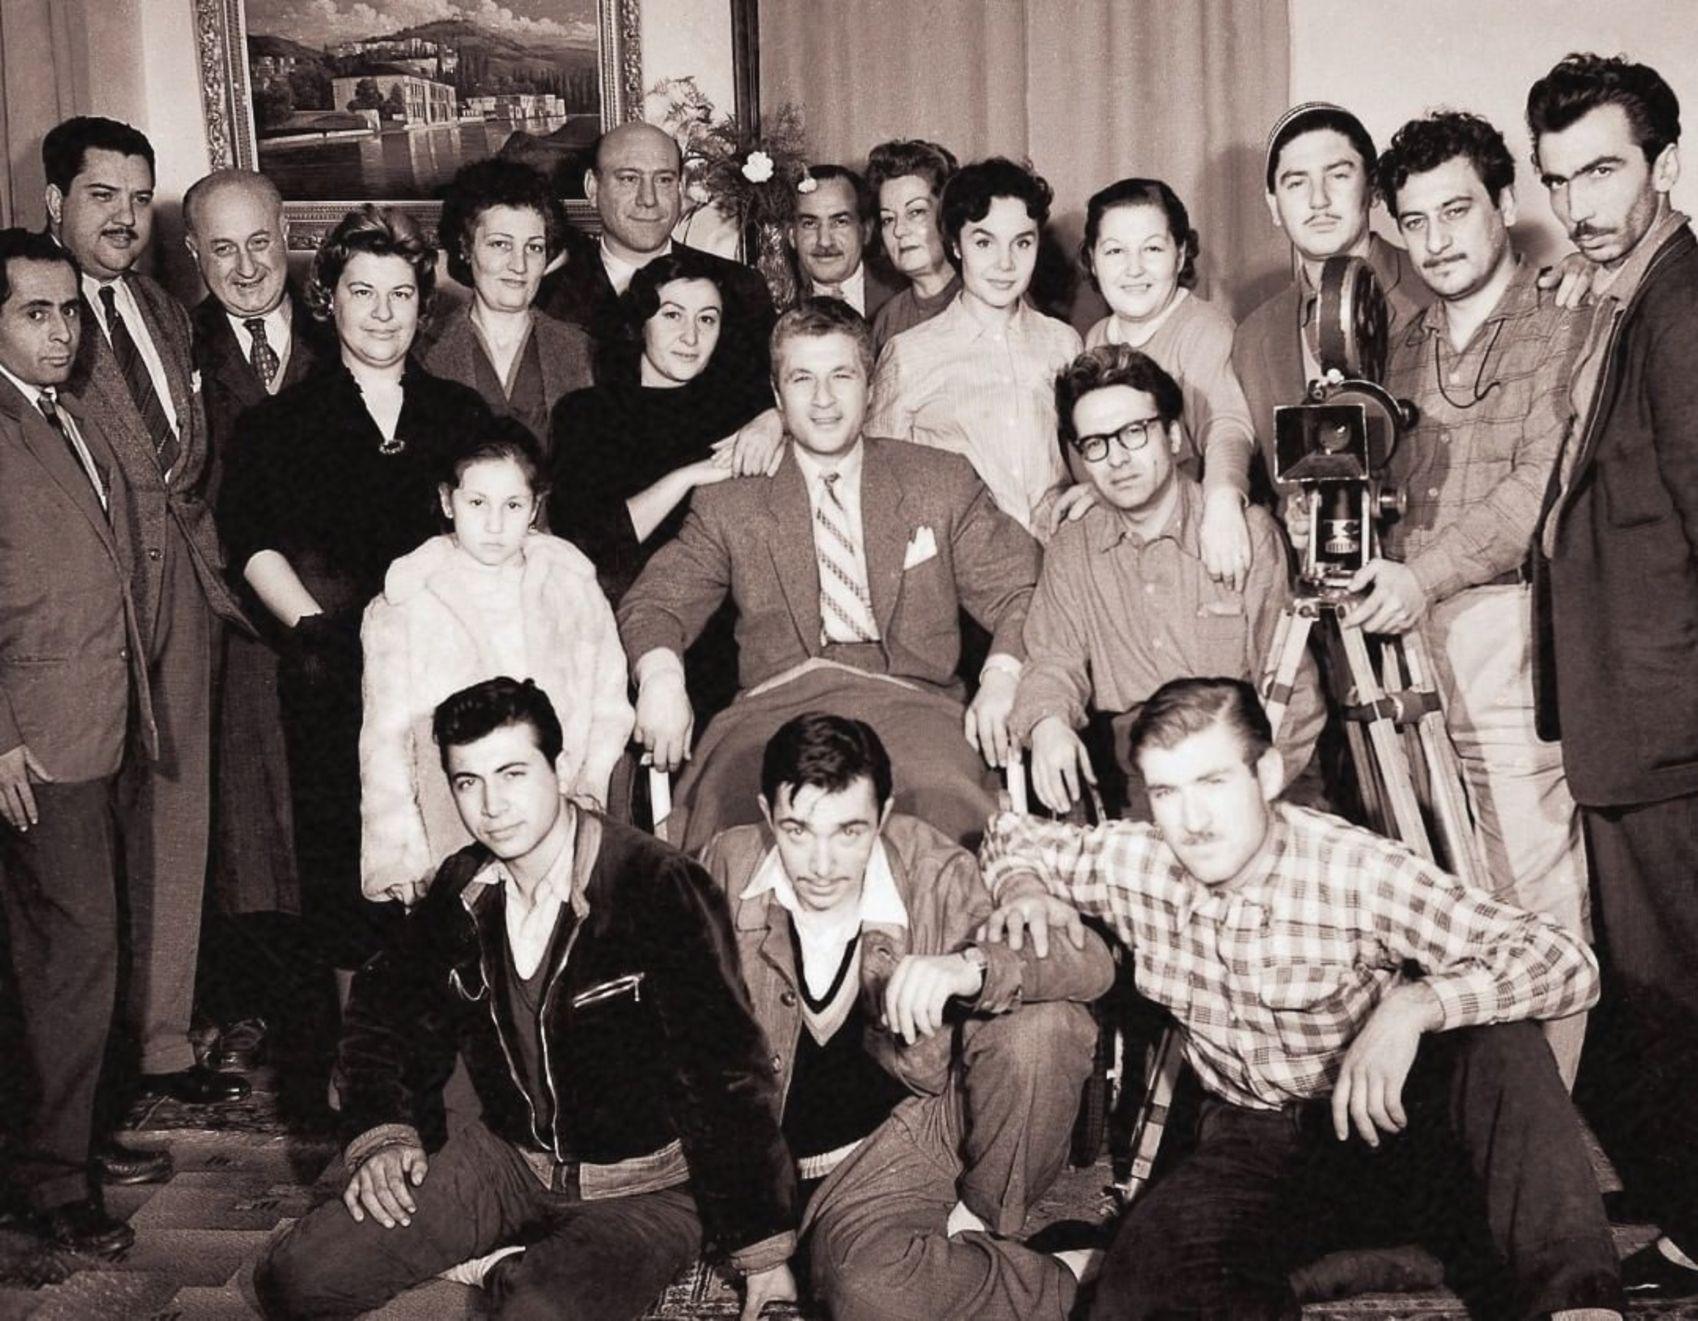 Nişan Hançer'in yönettiği 1958 yapımı 'Funda'da Türker İnanoğlu, yönetmen asistanı. (En önde ortada)